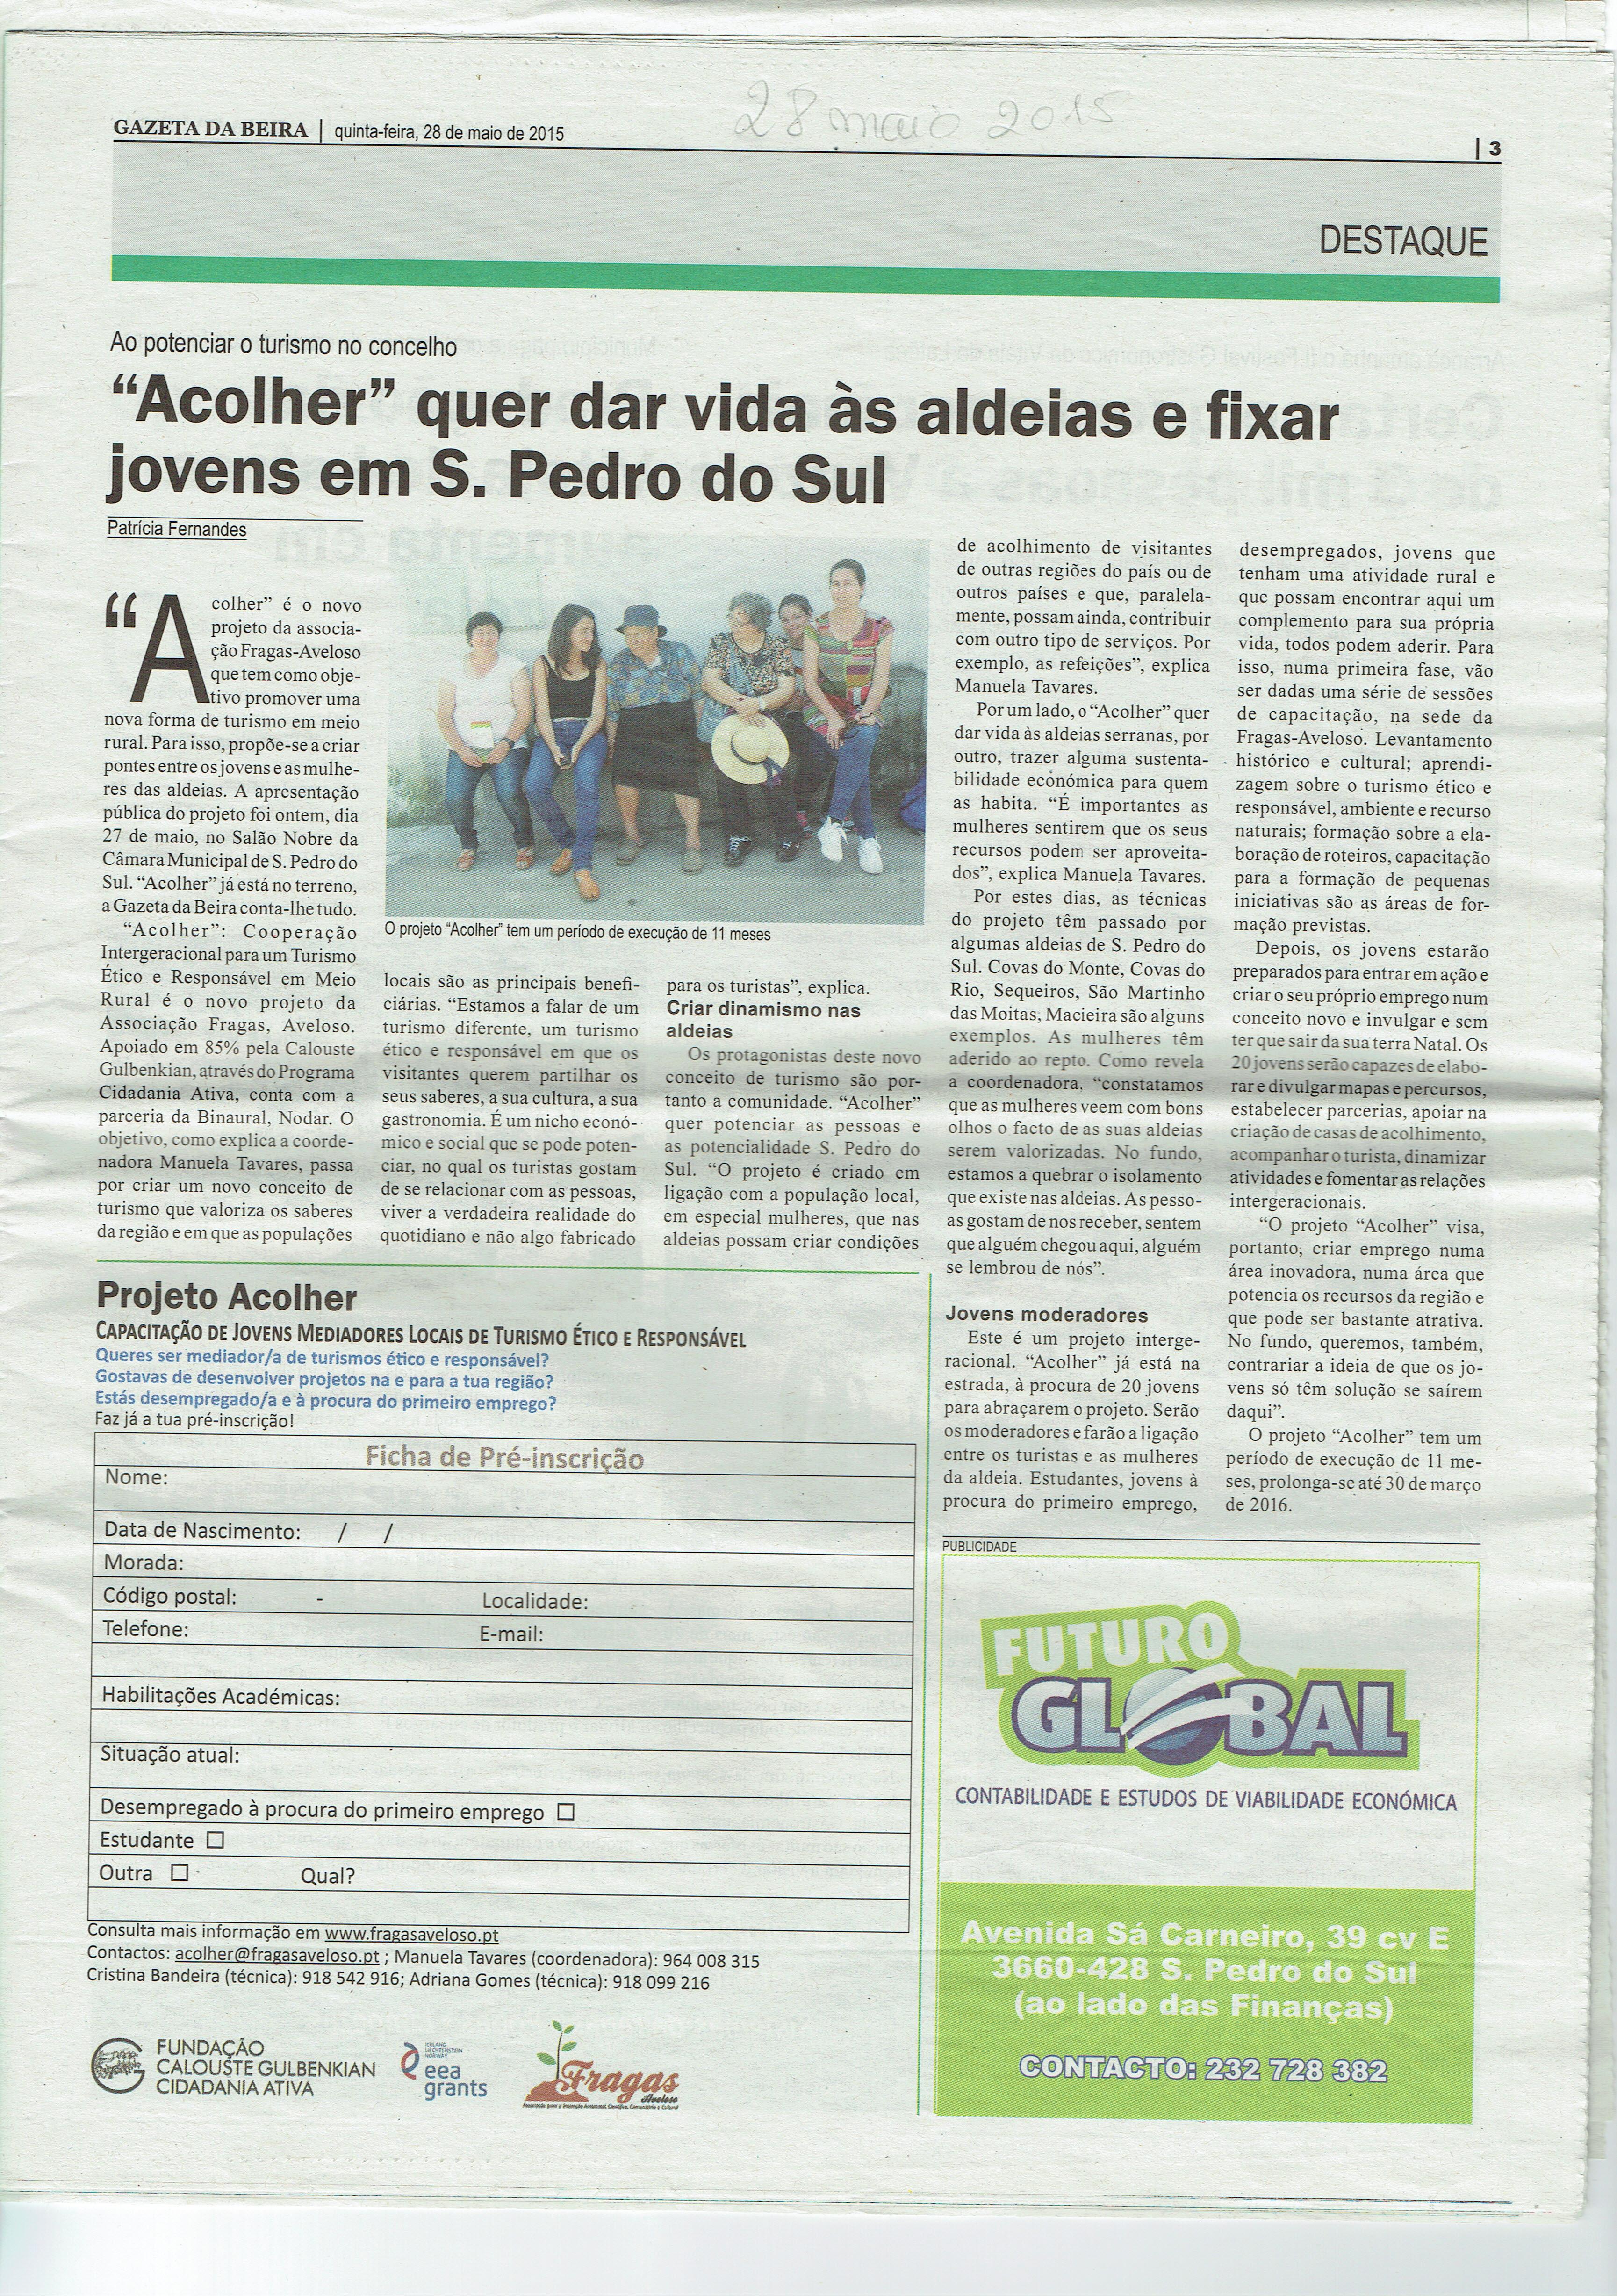 Notícia no jornal Gazeta da Beira sobre o trabalho  a desenvolver no âmbito do Projeto ACOLHER